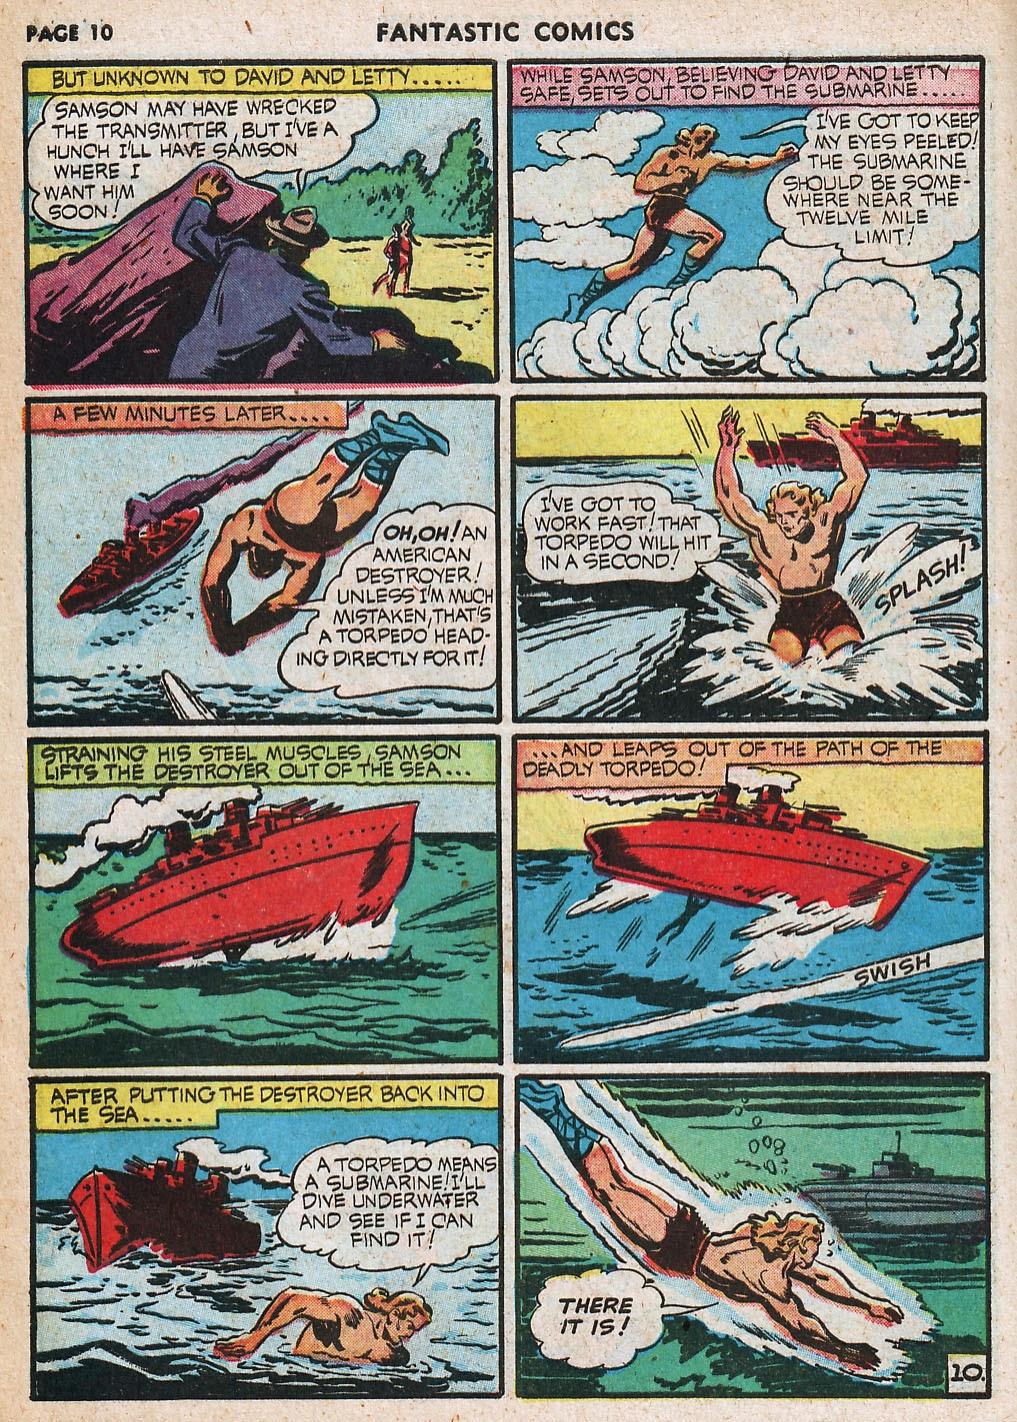 Read online Fantastic Comics comic -  Issue #20 - 11